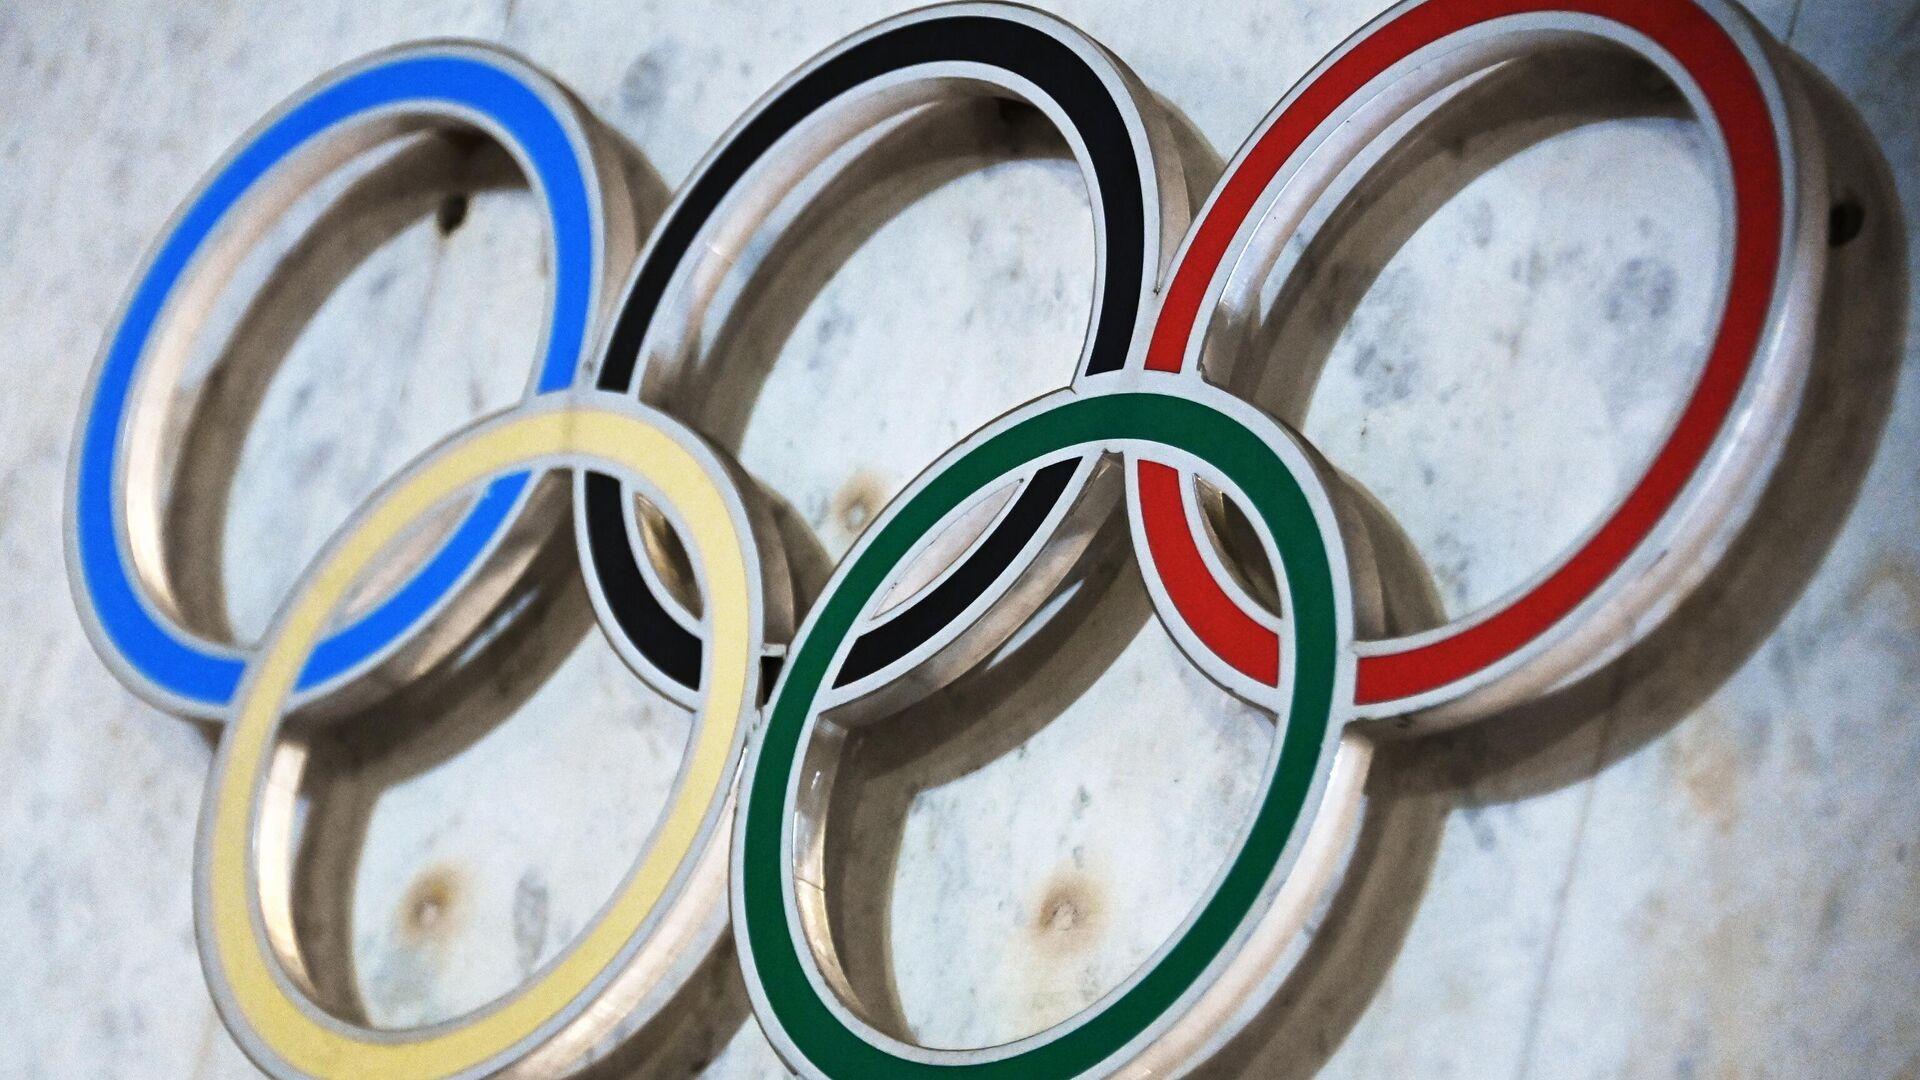 Симворика на здании Олимпийского комитета России (ОКР) на Лужнецкой набережной - РИА Новости, 1920, 14.04.2021